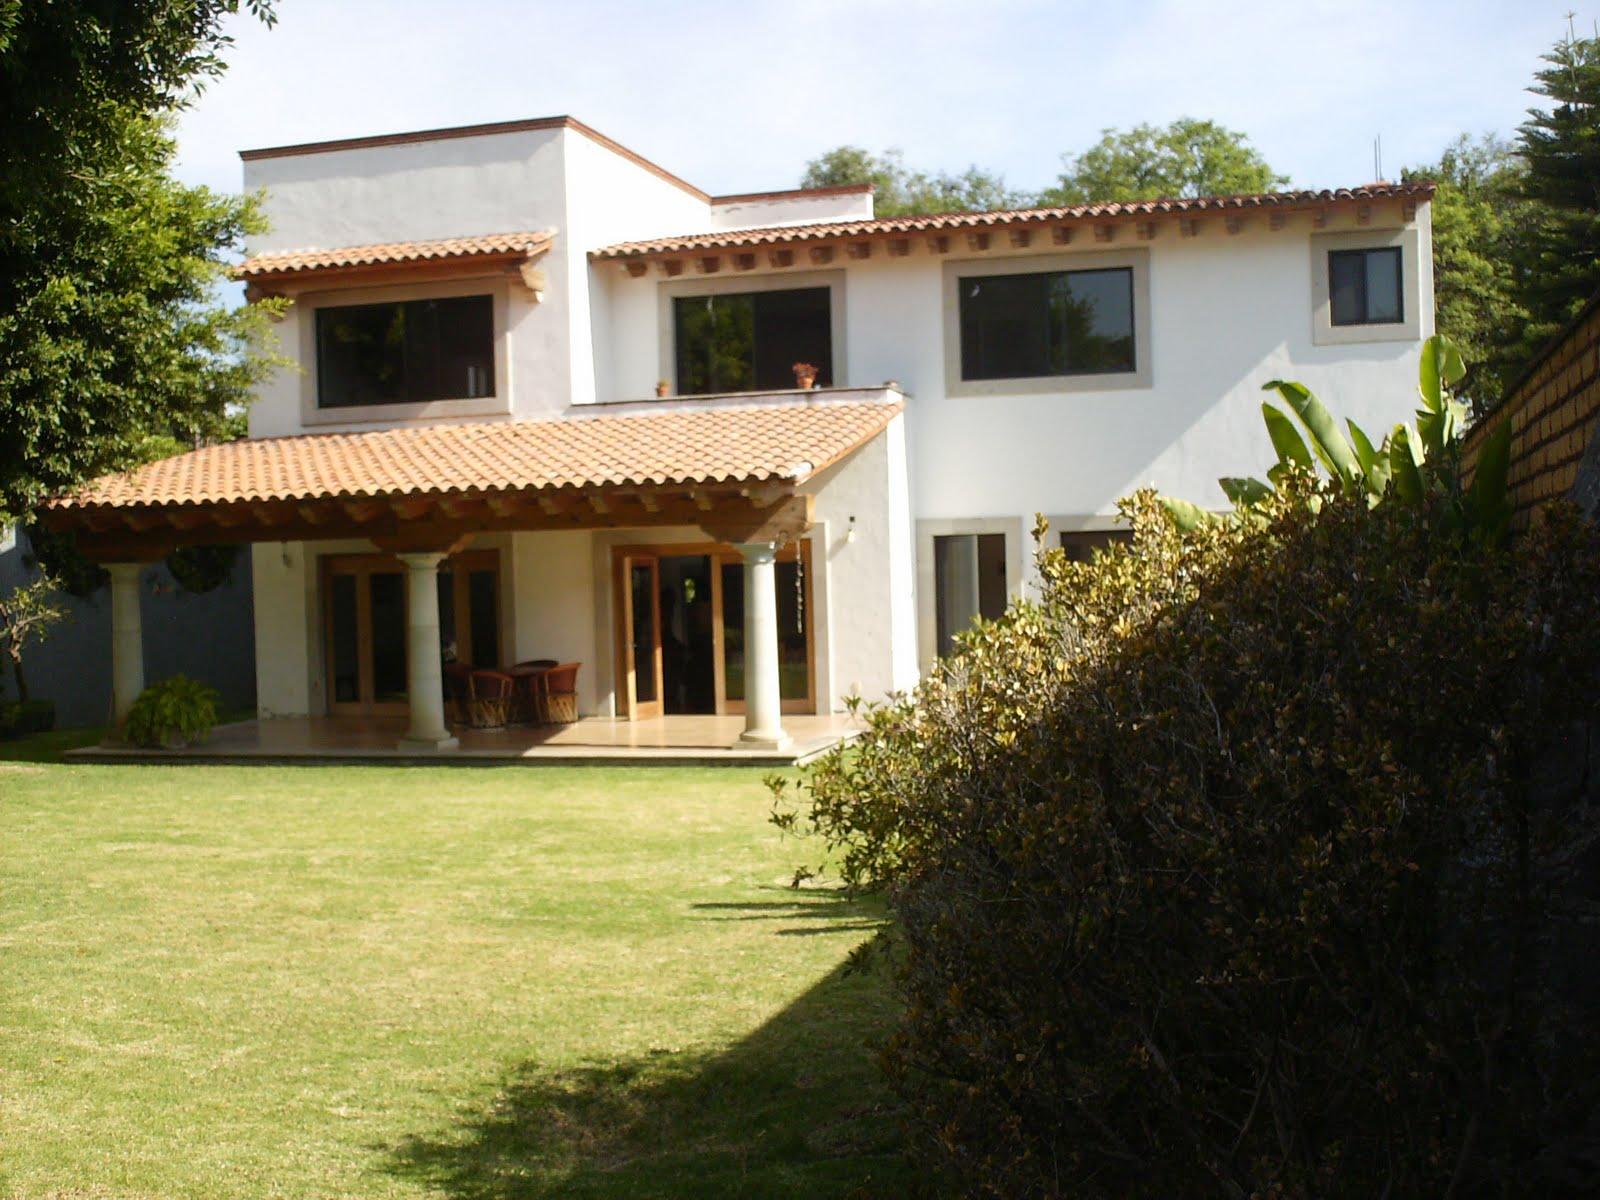 Cuernavaca bienes ra ces hermosa casa tipo hacienda zona for Estilos de jardines para casas